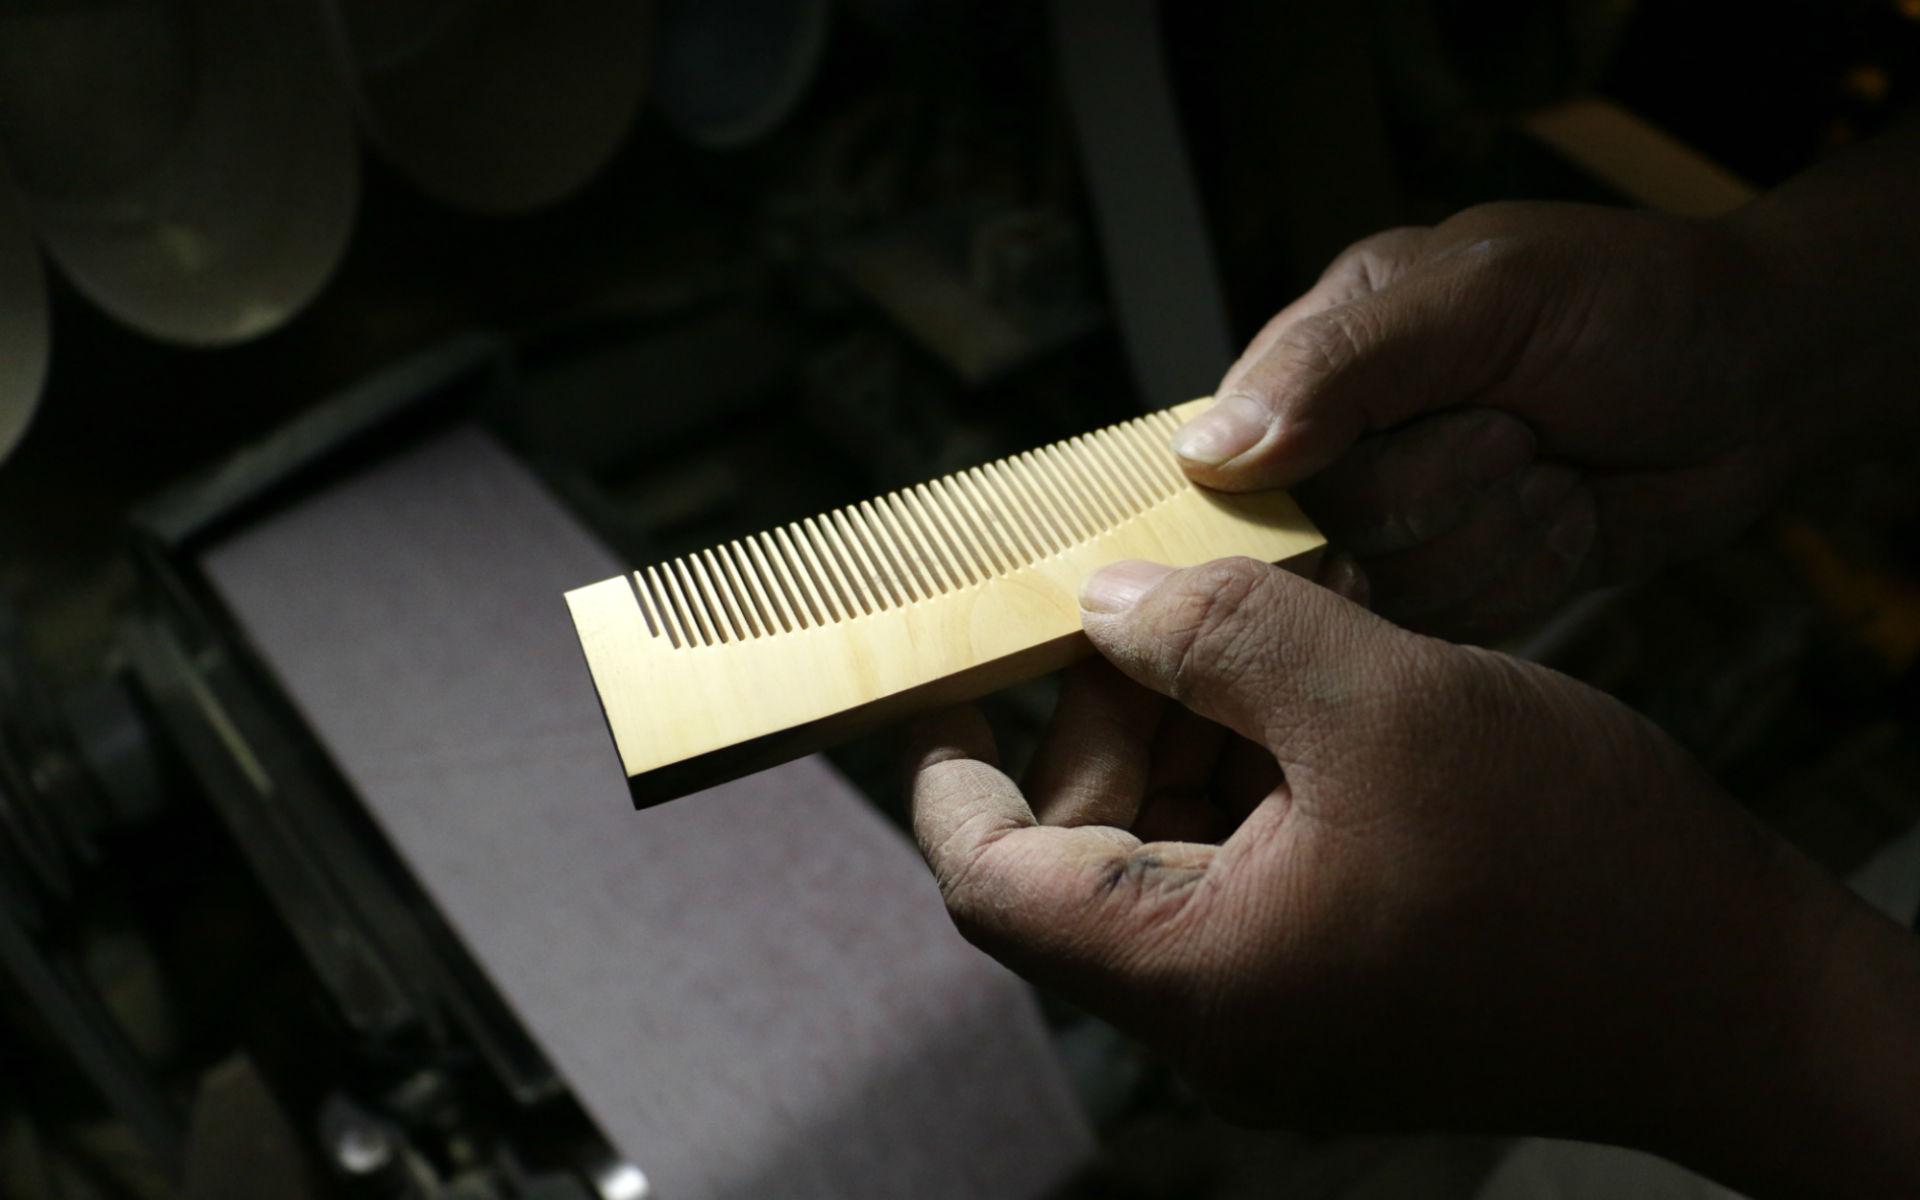 髪を綺麗にする京つげ櫛は、独自の「カラクリ」と職人の技で作られる